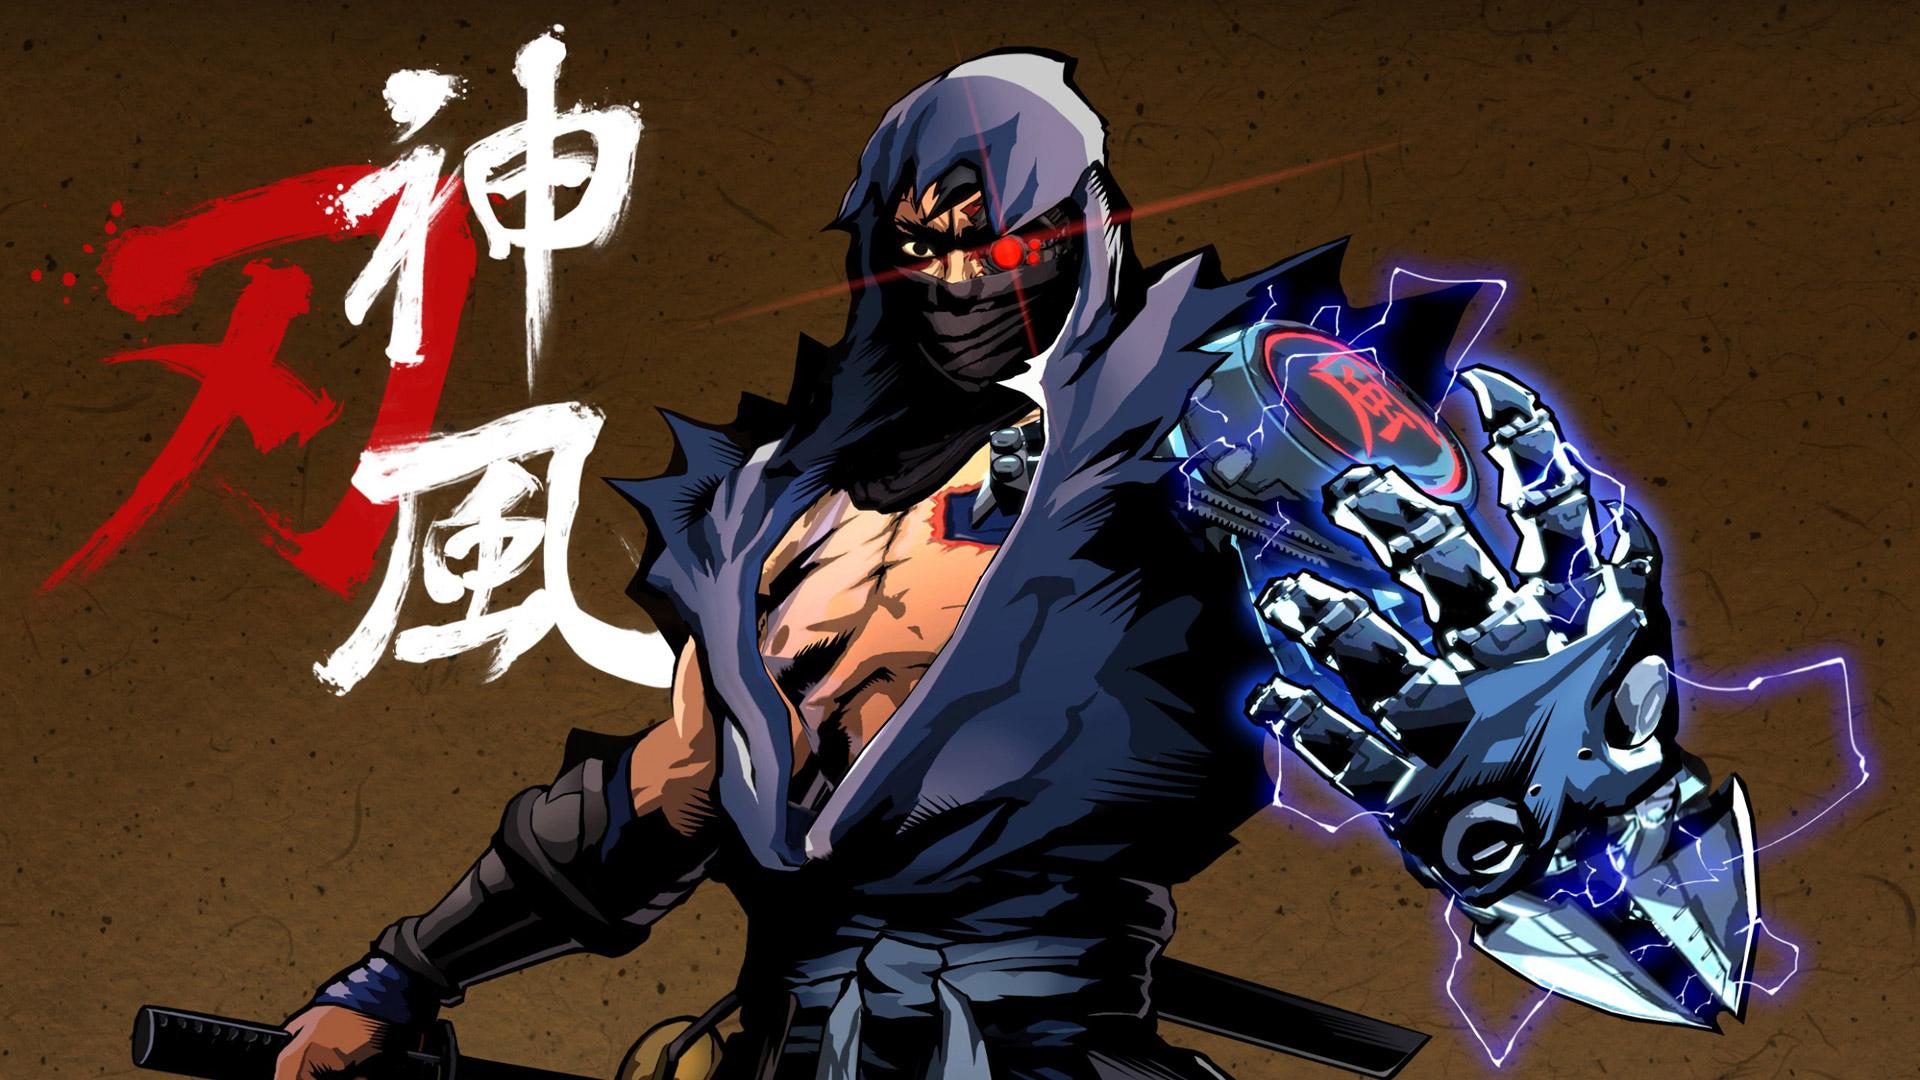 Free Yaiba Ninja Gaiden Z Wallpaper in 1920x1080